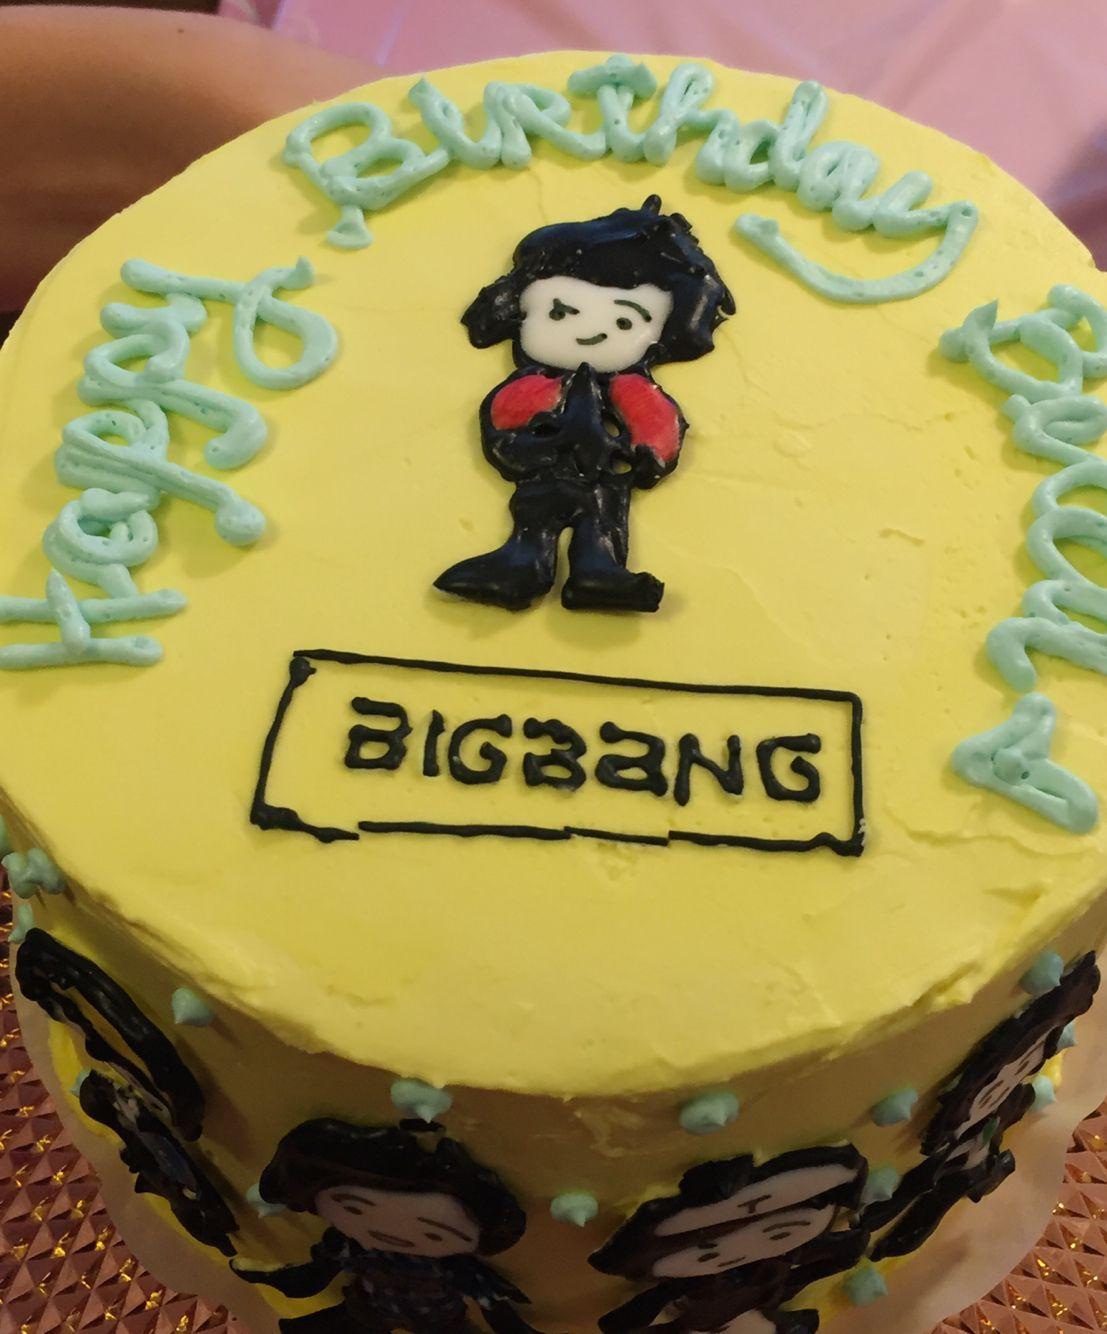 Bigbang Kpop Cake